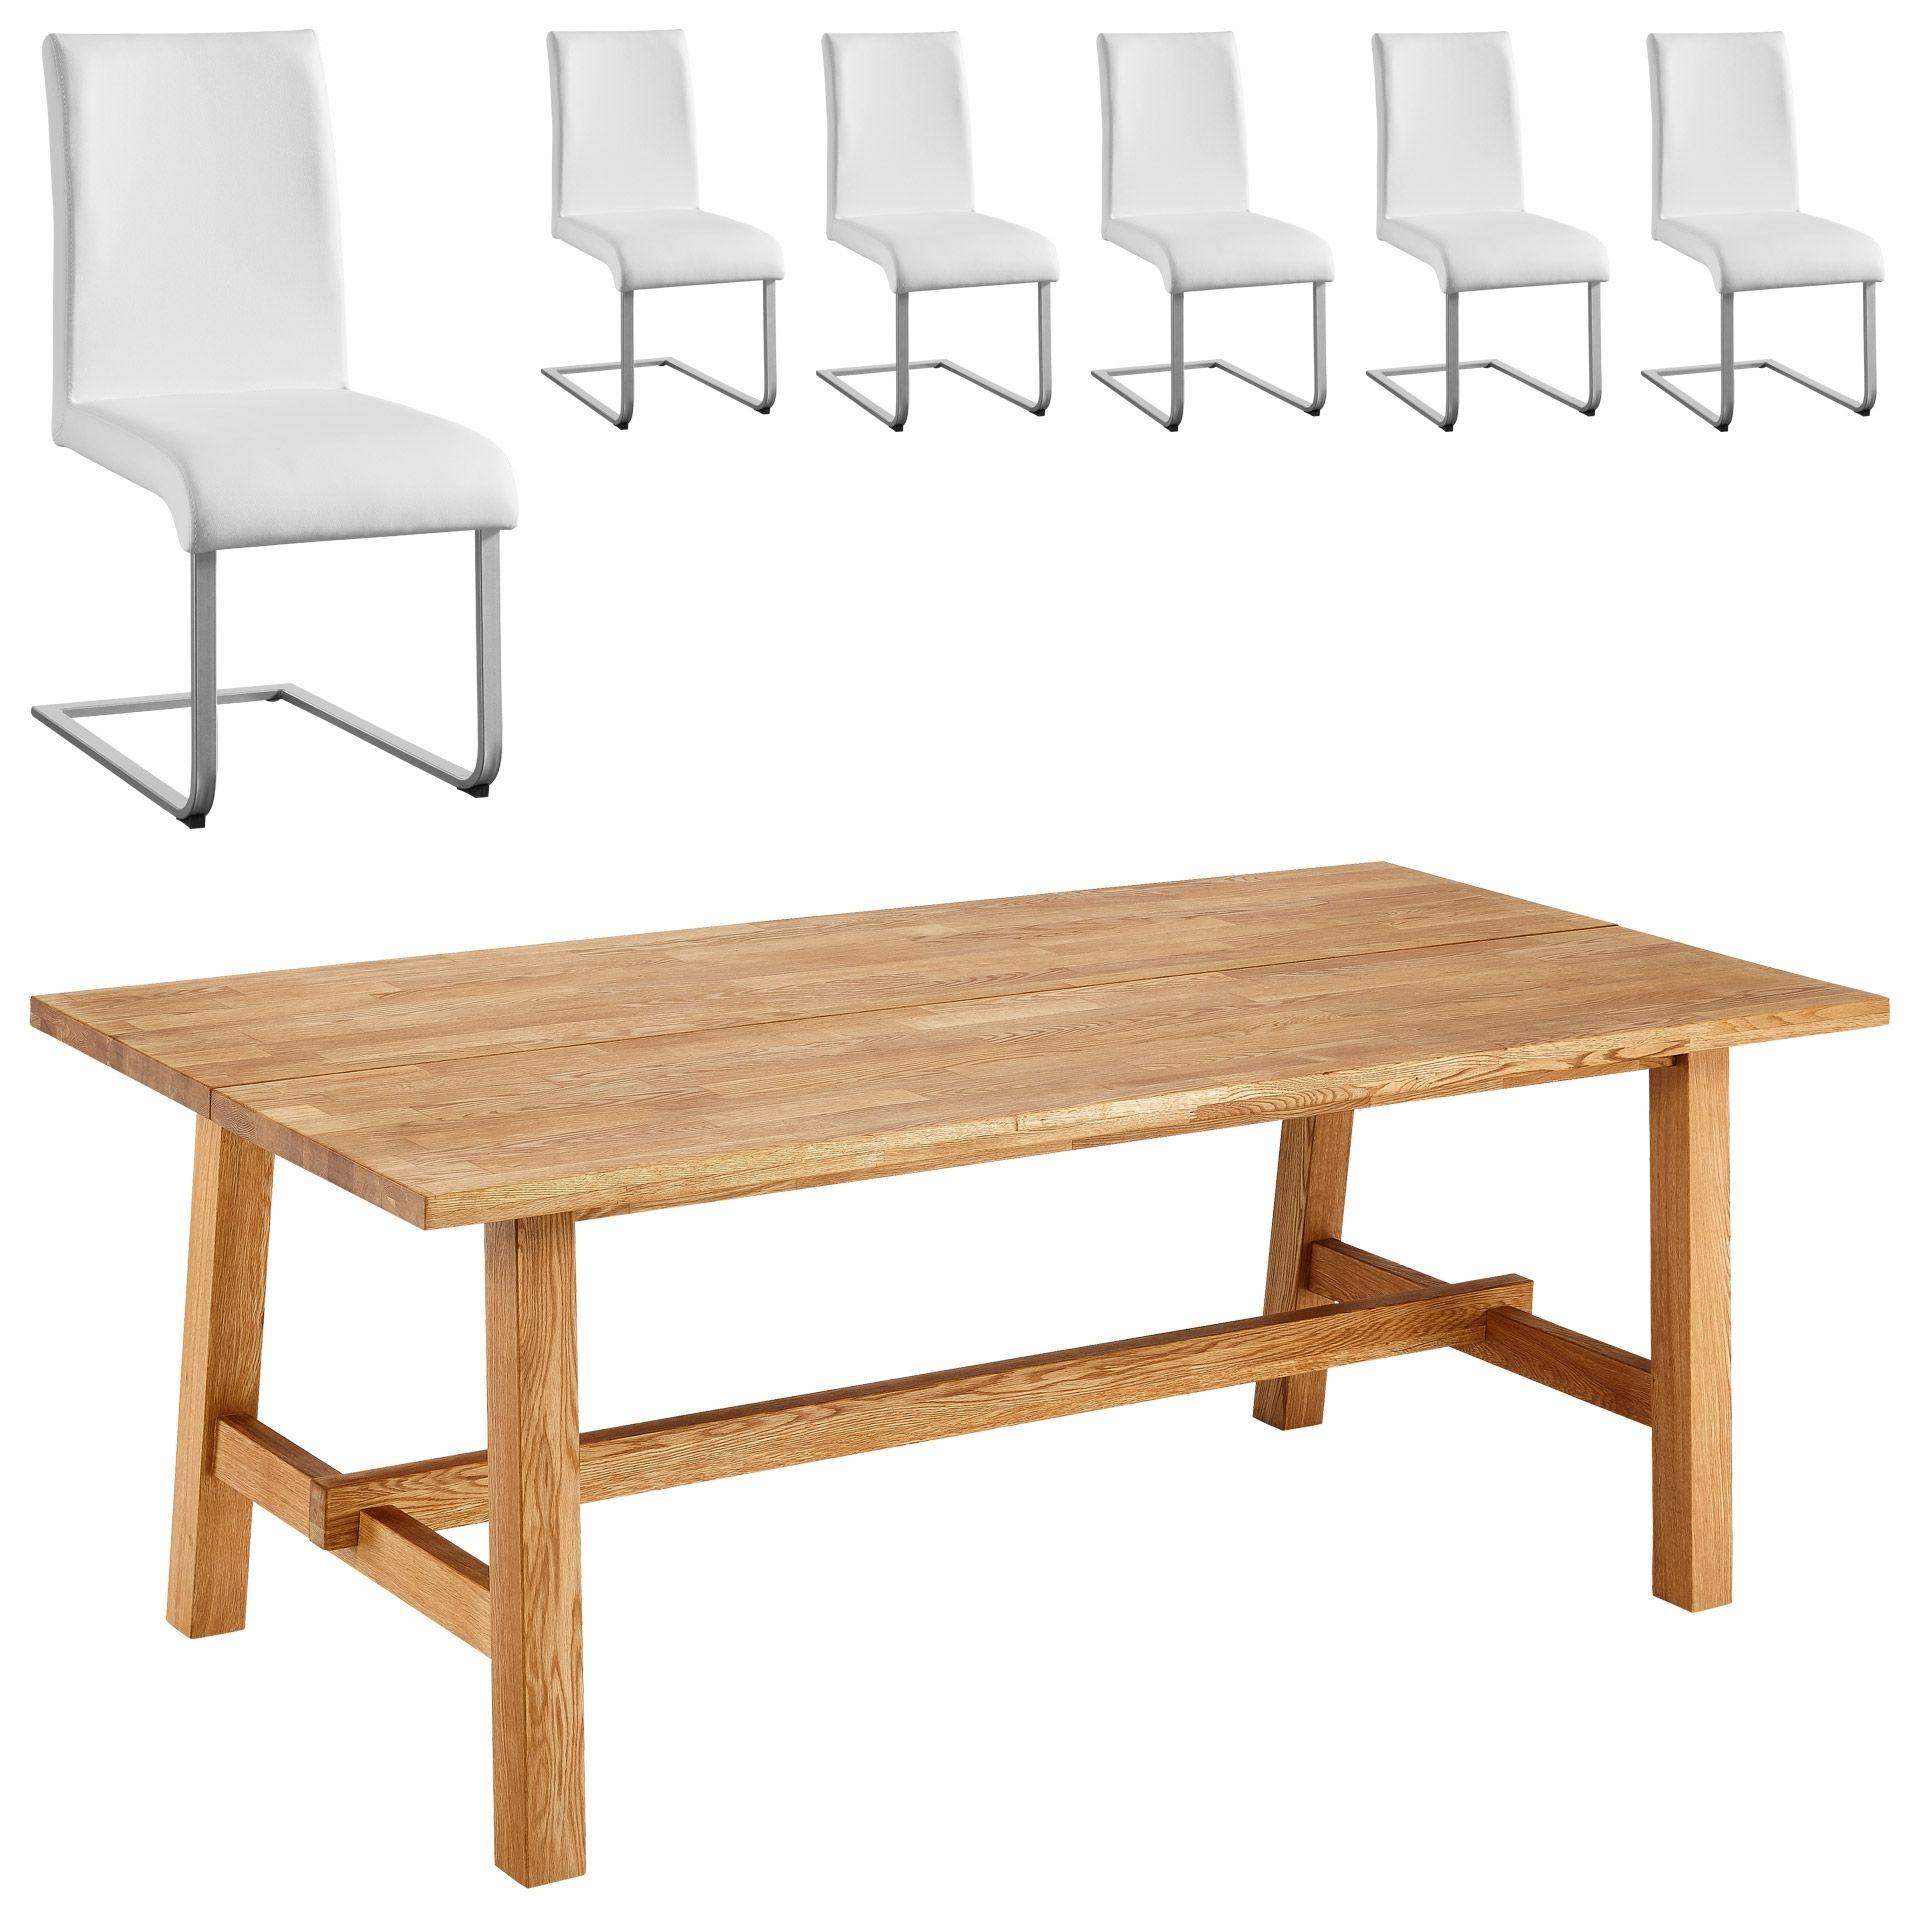 Esstisch Amerikanischer Nussbaum Ausziehbar Esszimmertisch Glas Esszimmer Massiv Wildeiche Roller Tischgr Mit Bildern Esszimmerstuhle Esstisch Eiche Stuhle